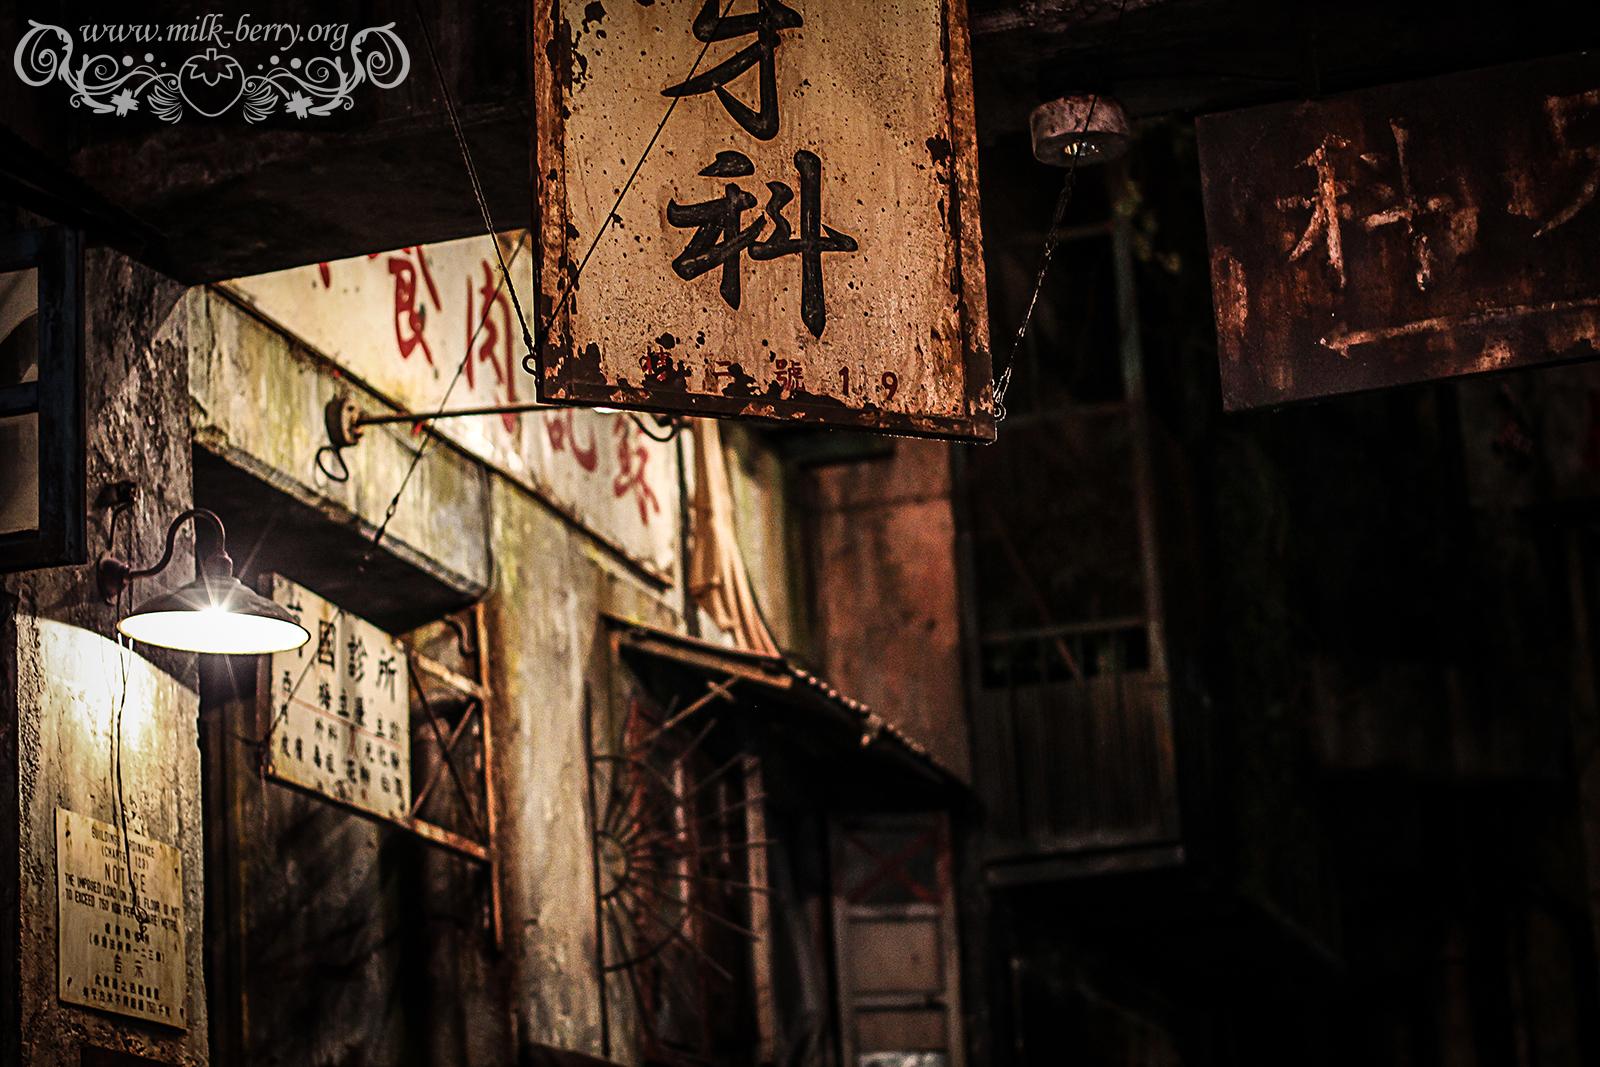 kawasakiwarehouse